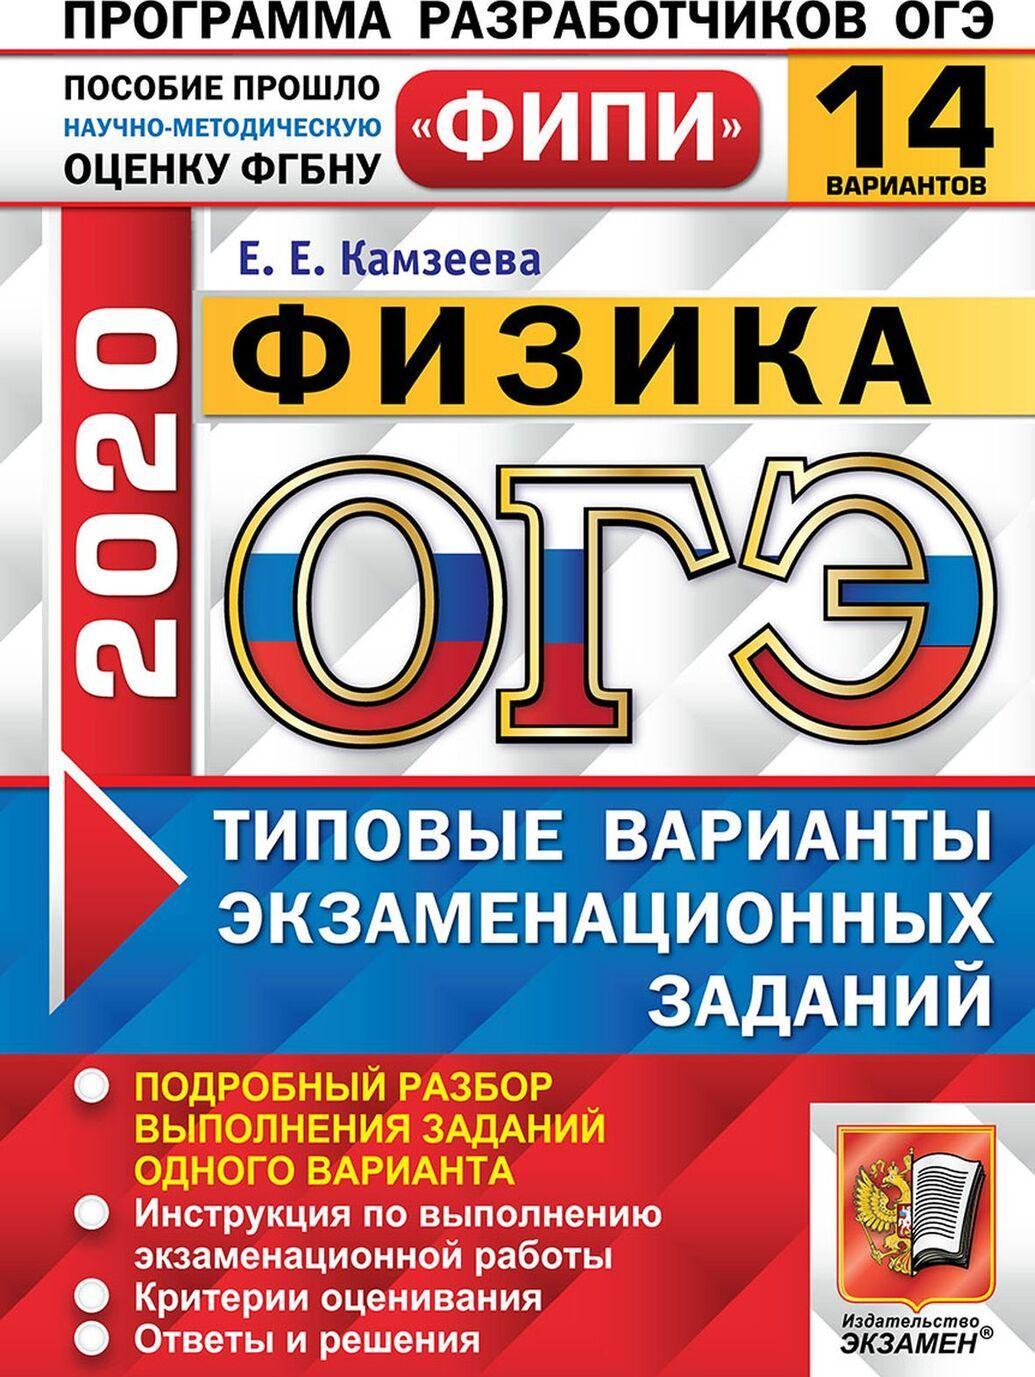 OGE 2020. Fizika. 14 variantov. Tipovye varianty ekzamenatsionnykh zadanij